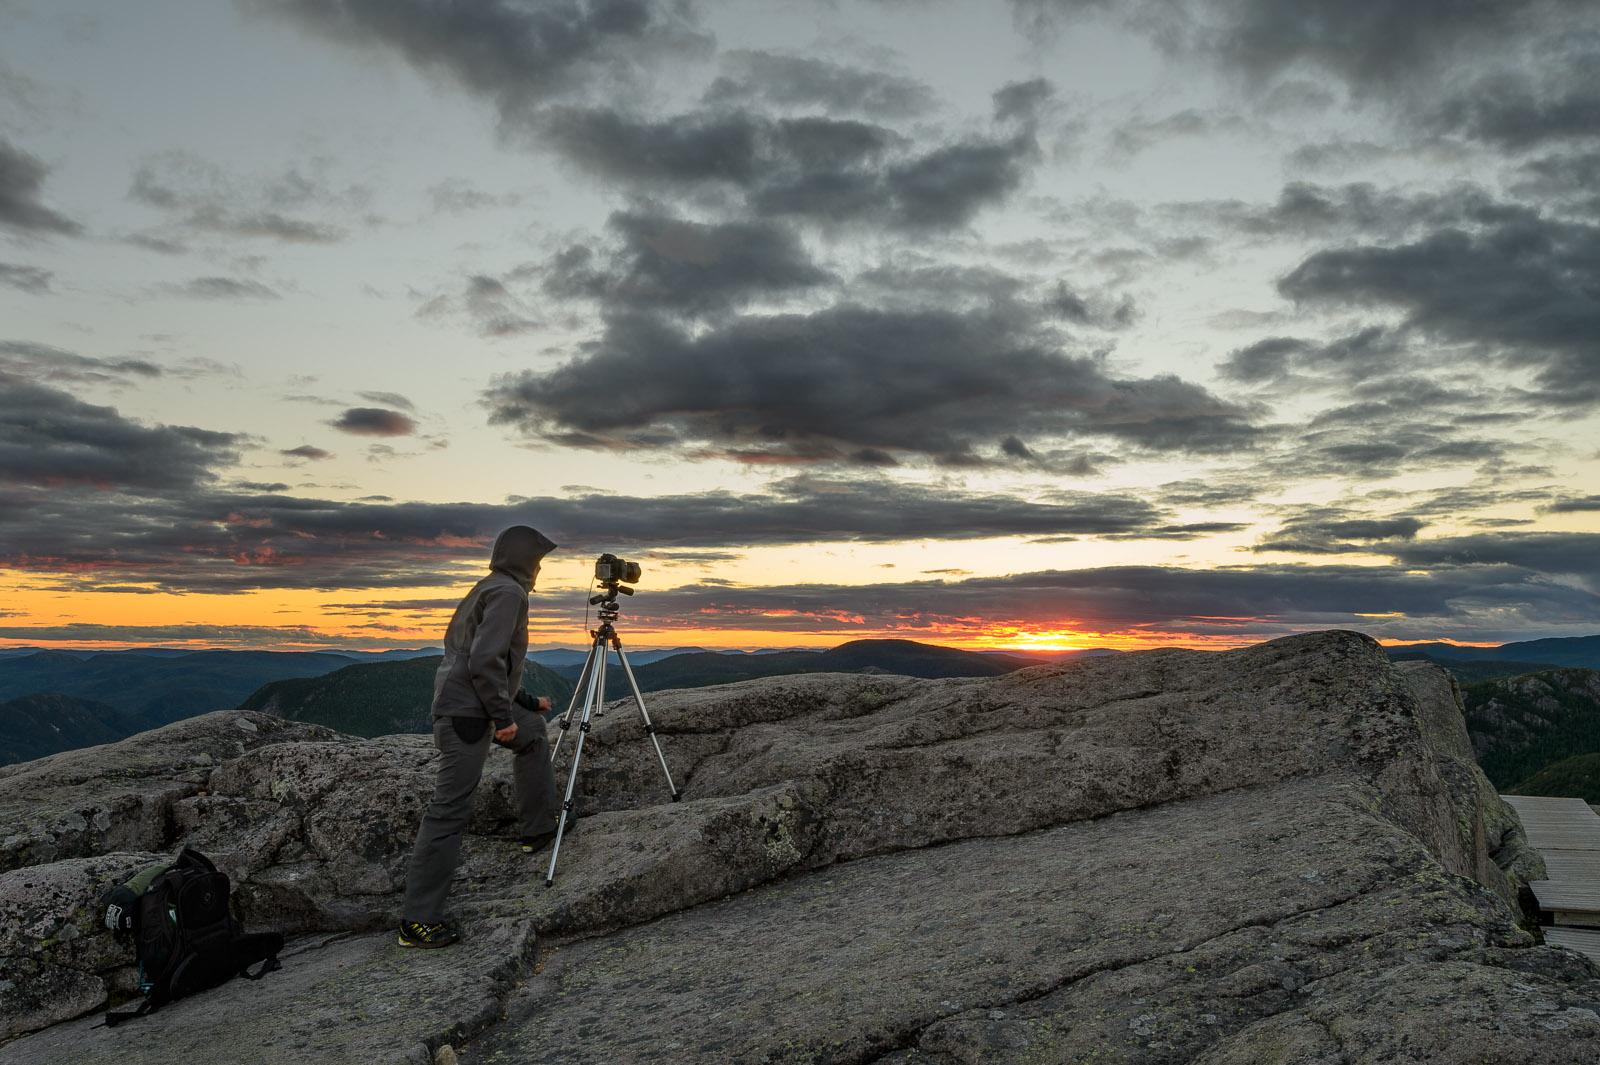 Mont du lac des Cygnes: Claudel bien installé avec son trépied